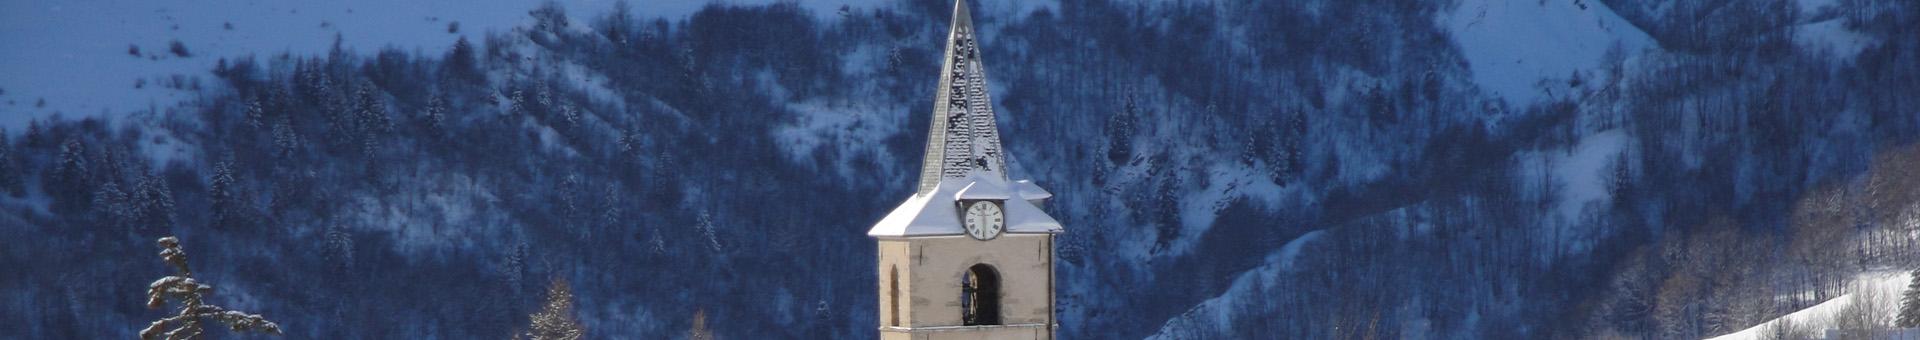 Station Village > Notre Patrimoine > Églises, chapelles